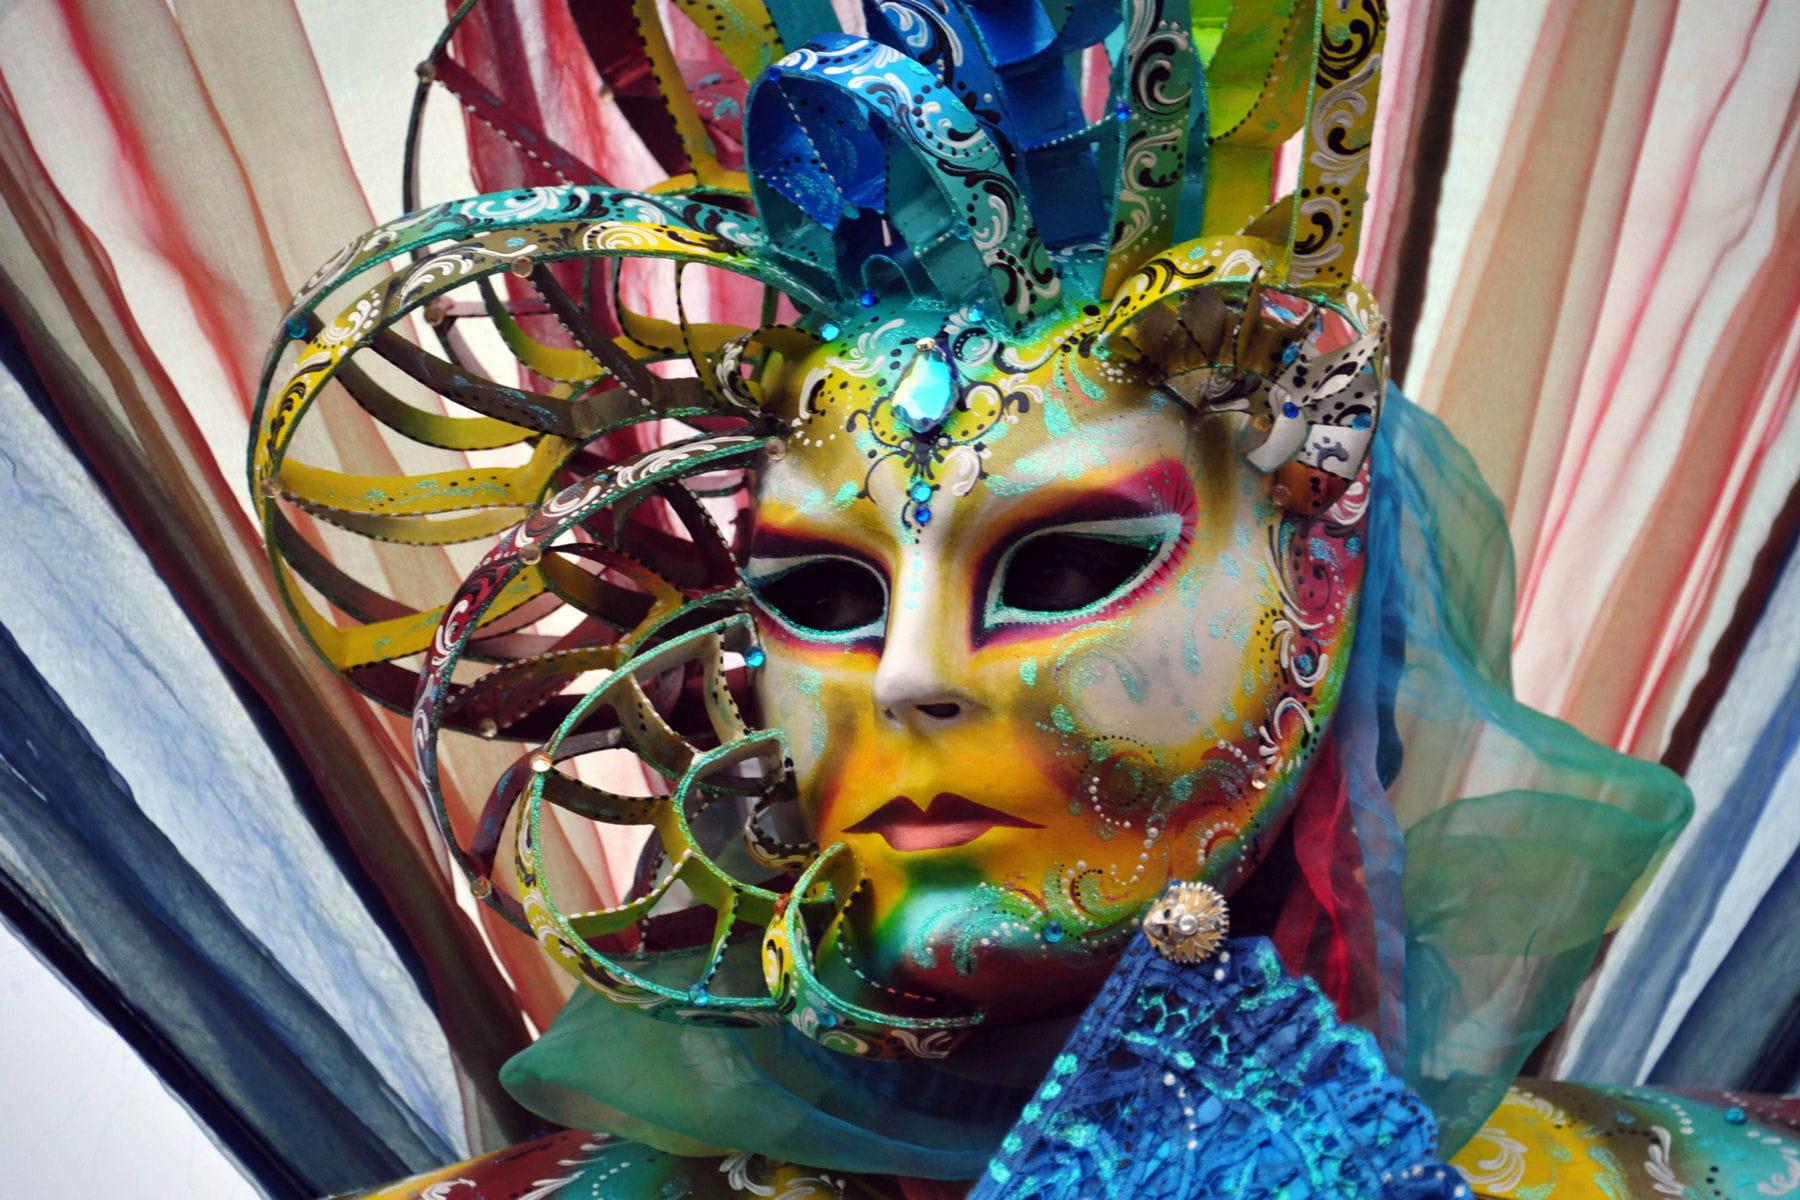 carnaval de venise date 2017 costumes masques programme toutes les infos. Black Bedroom Furniture Sets. Home Design Ideas